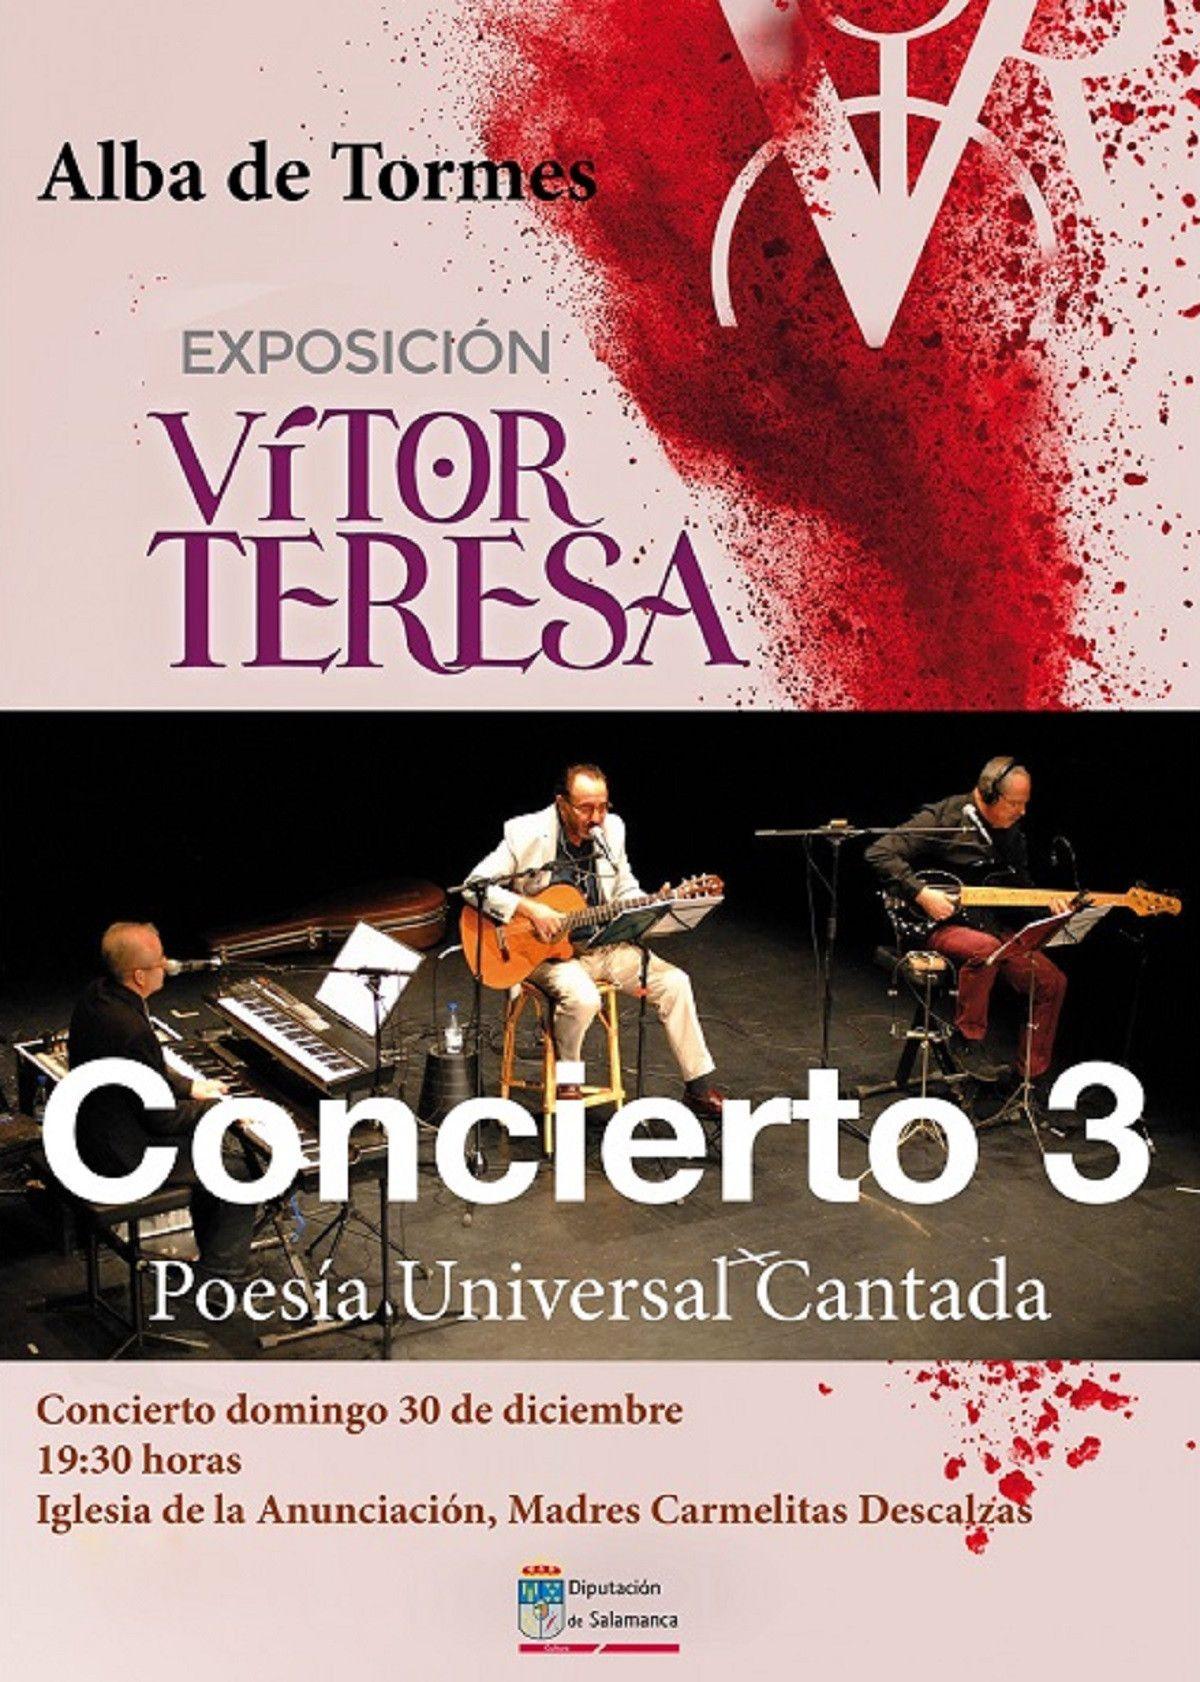 Vitorteresa concierto